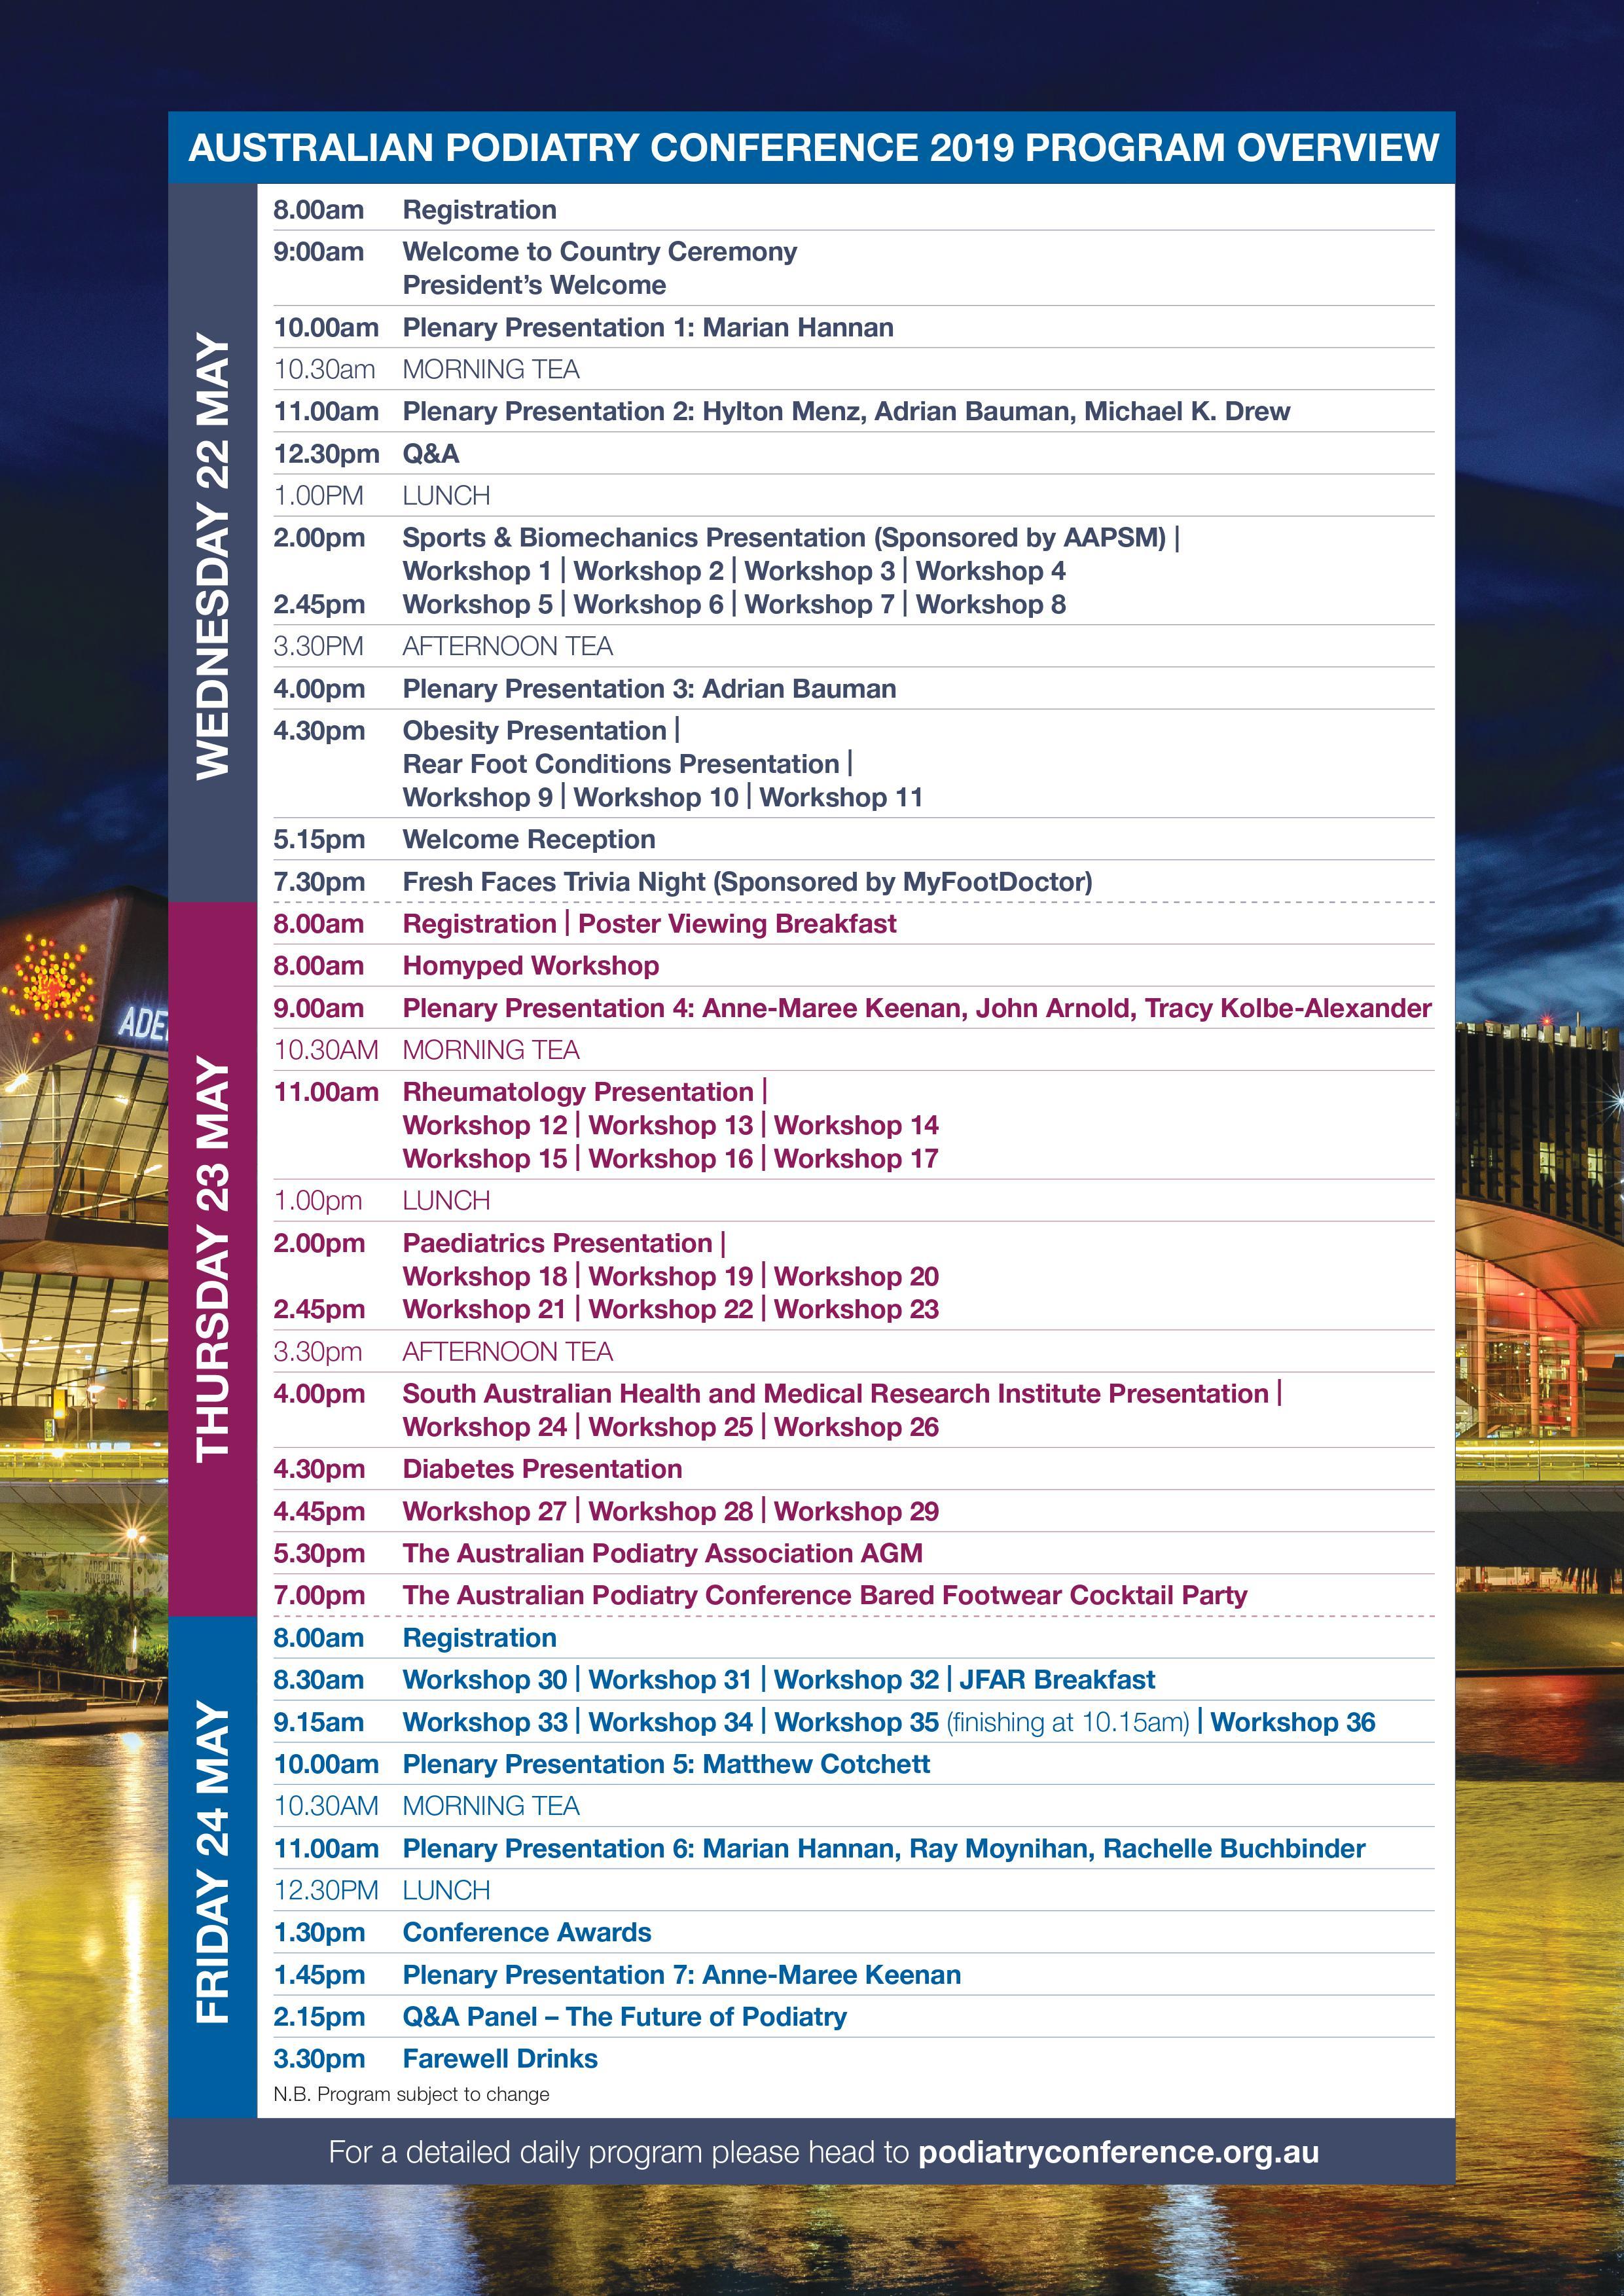 Conference Program Overview 2019 v5.jpg